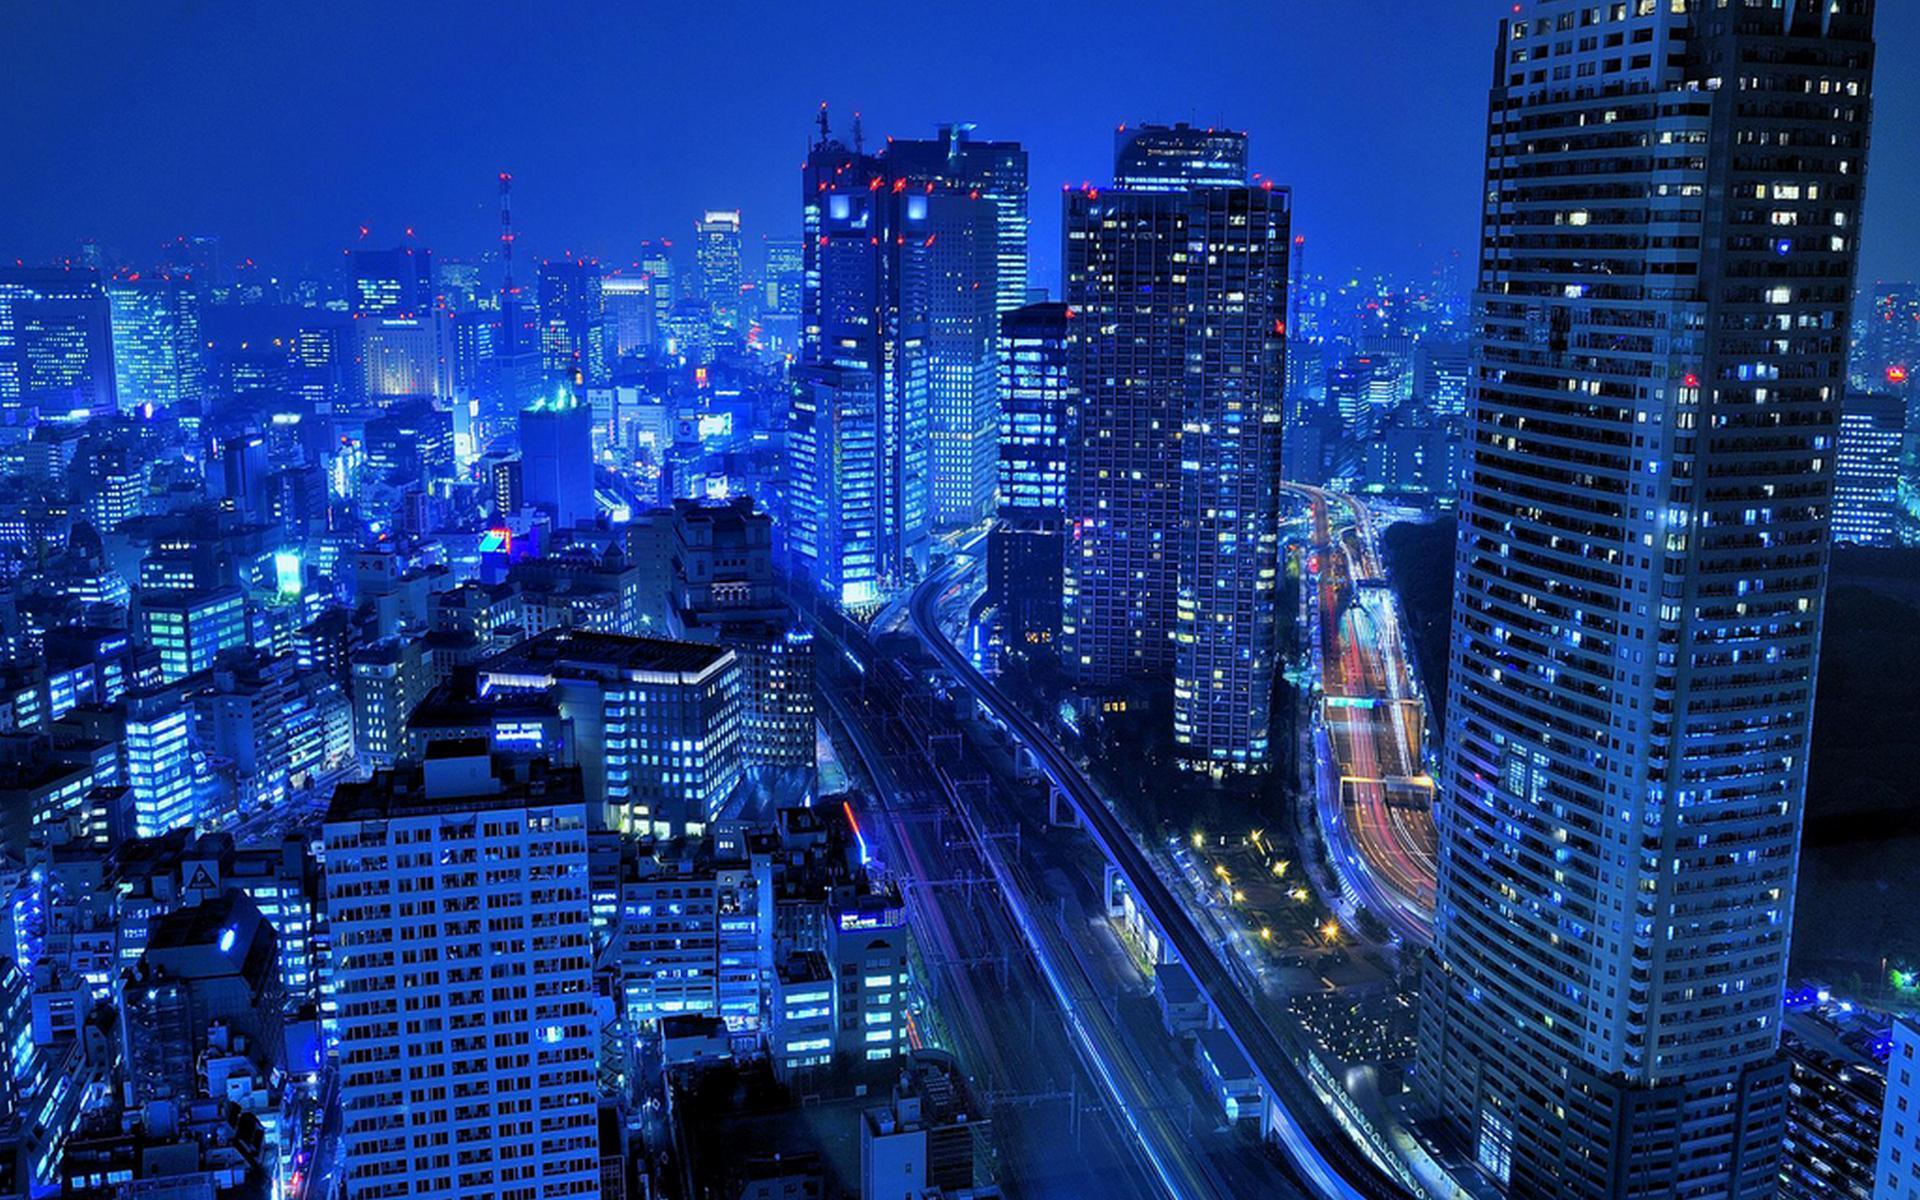 Скачать обои Город, синий, ночной, небоскребы / 1920x1200